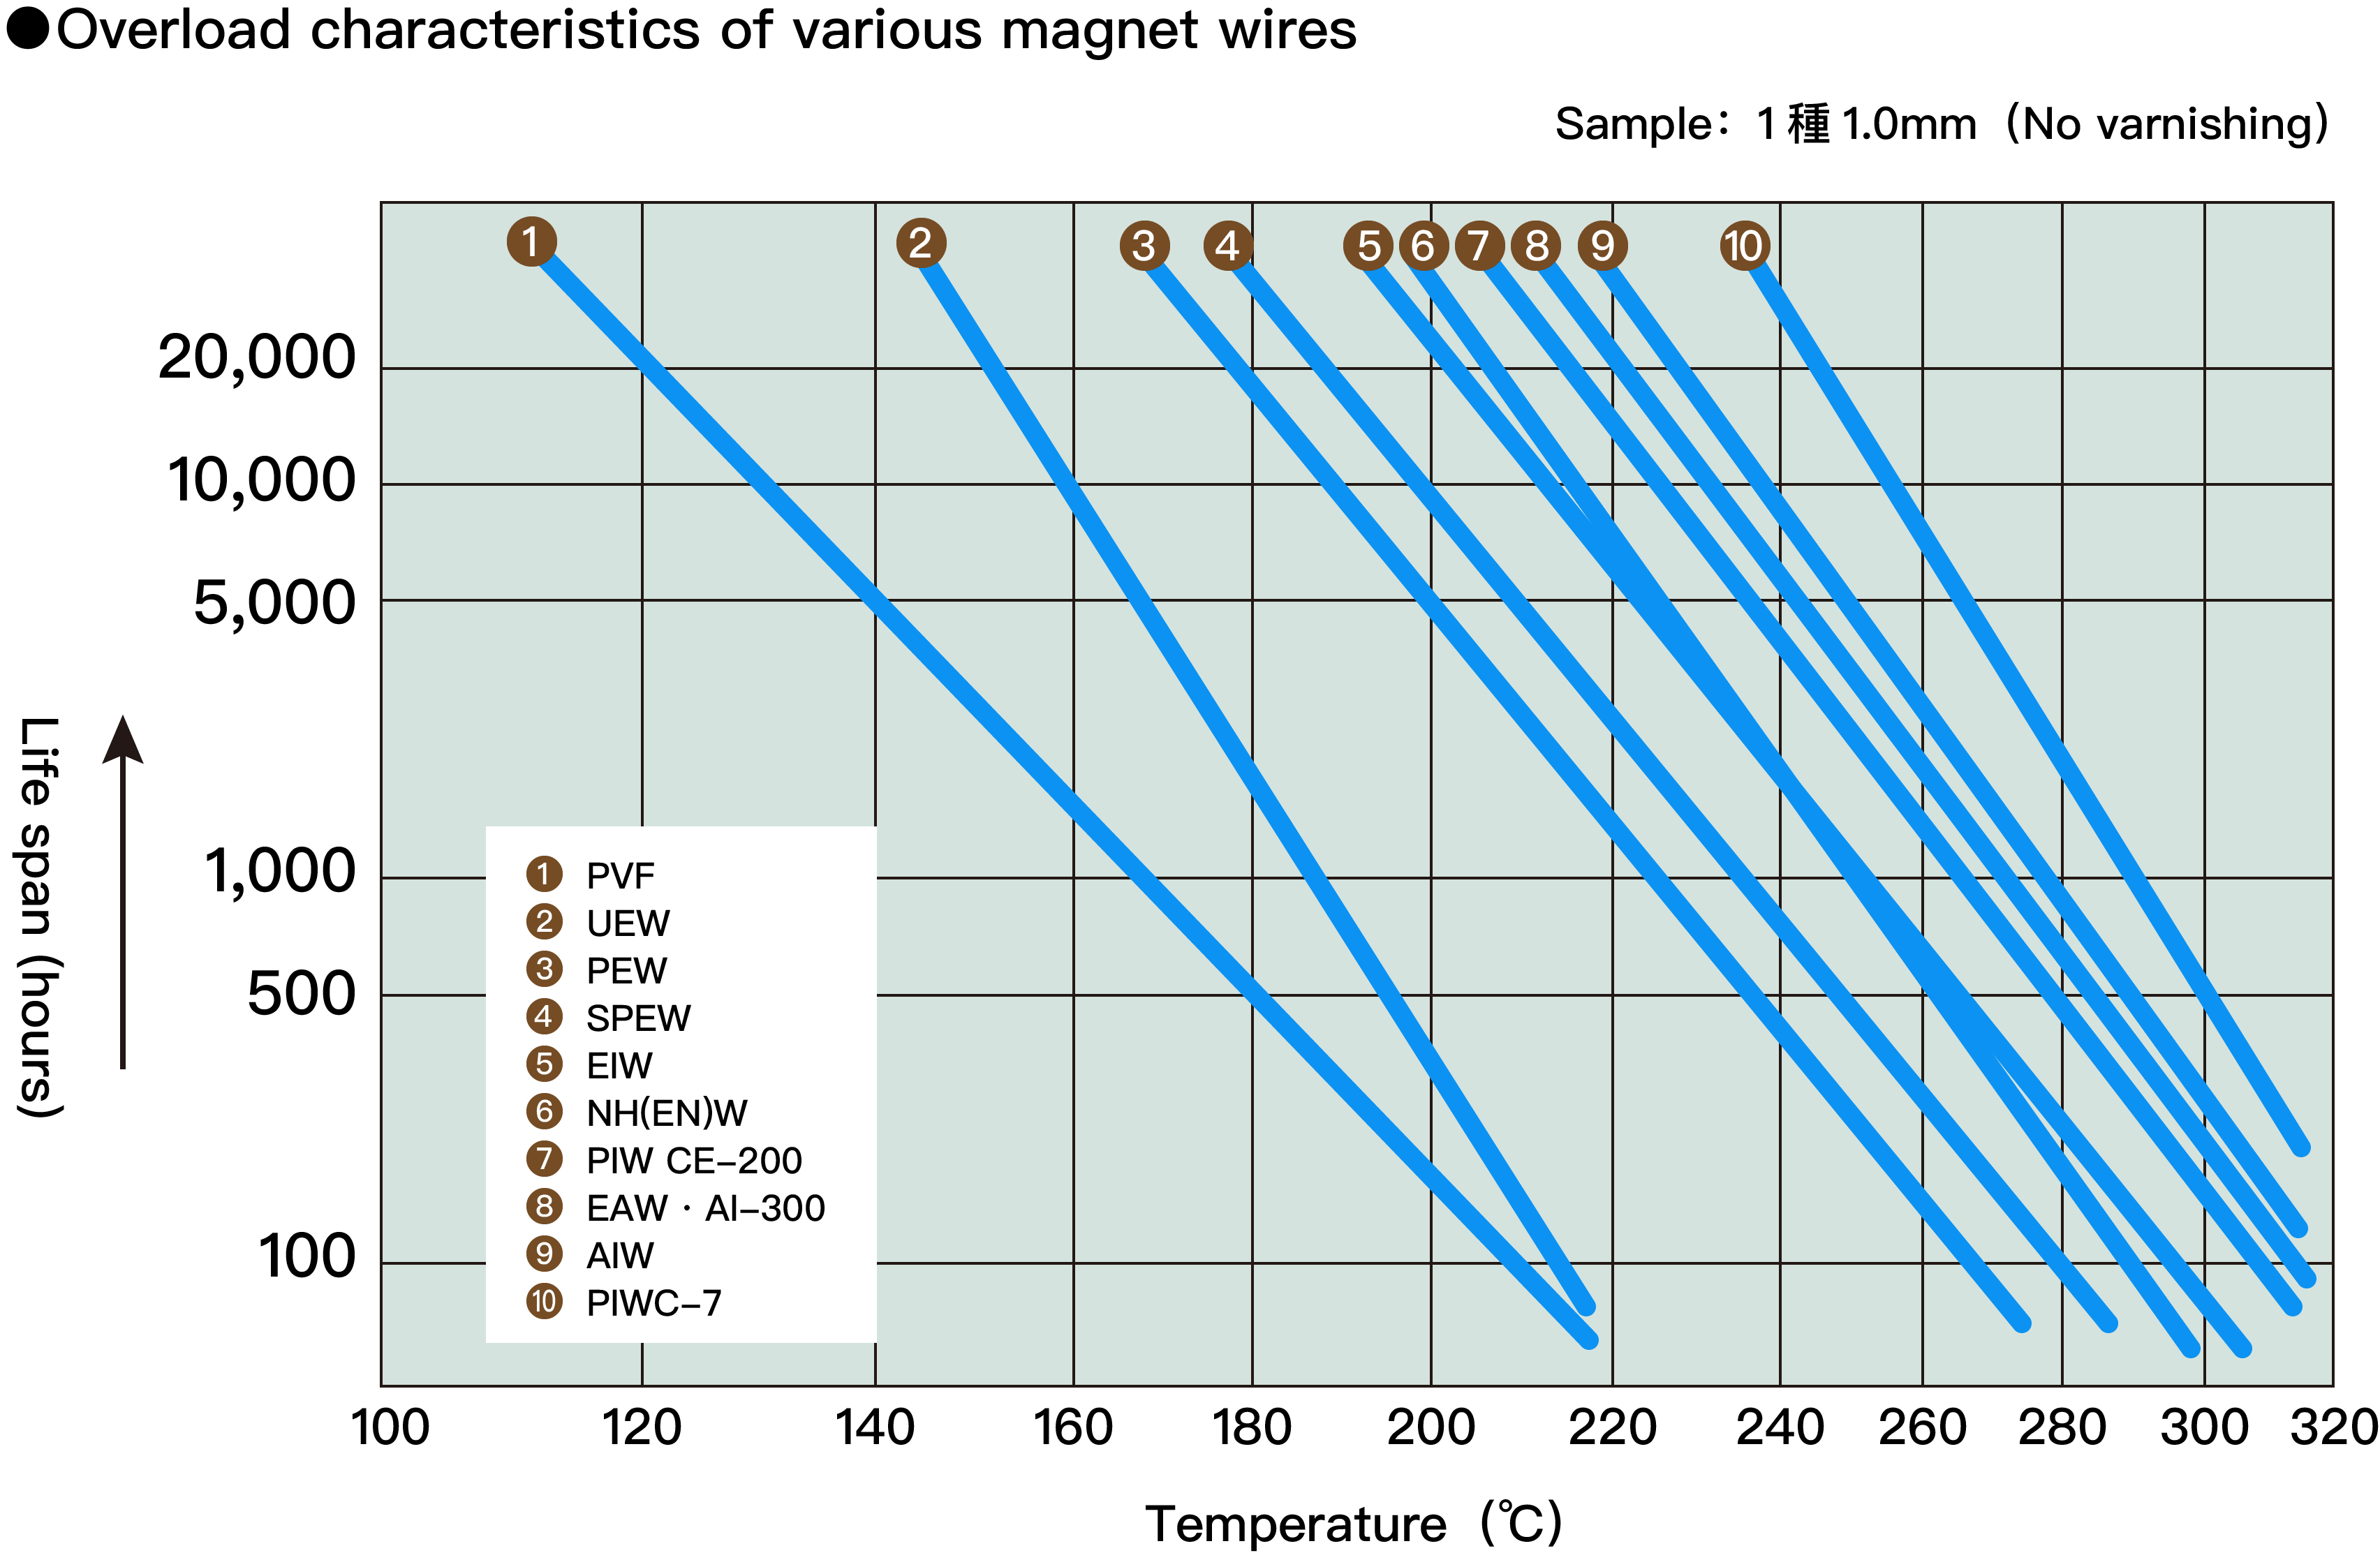 各種マグネットワイヤーの過負荷特性図